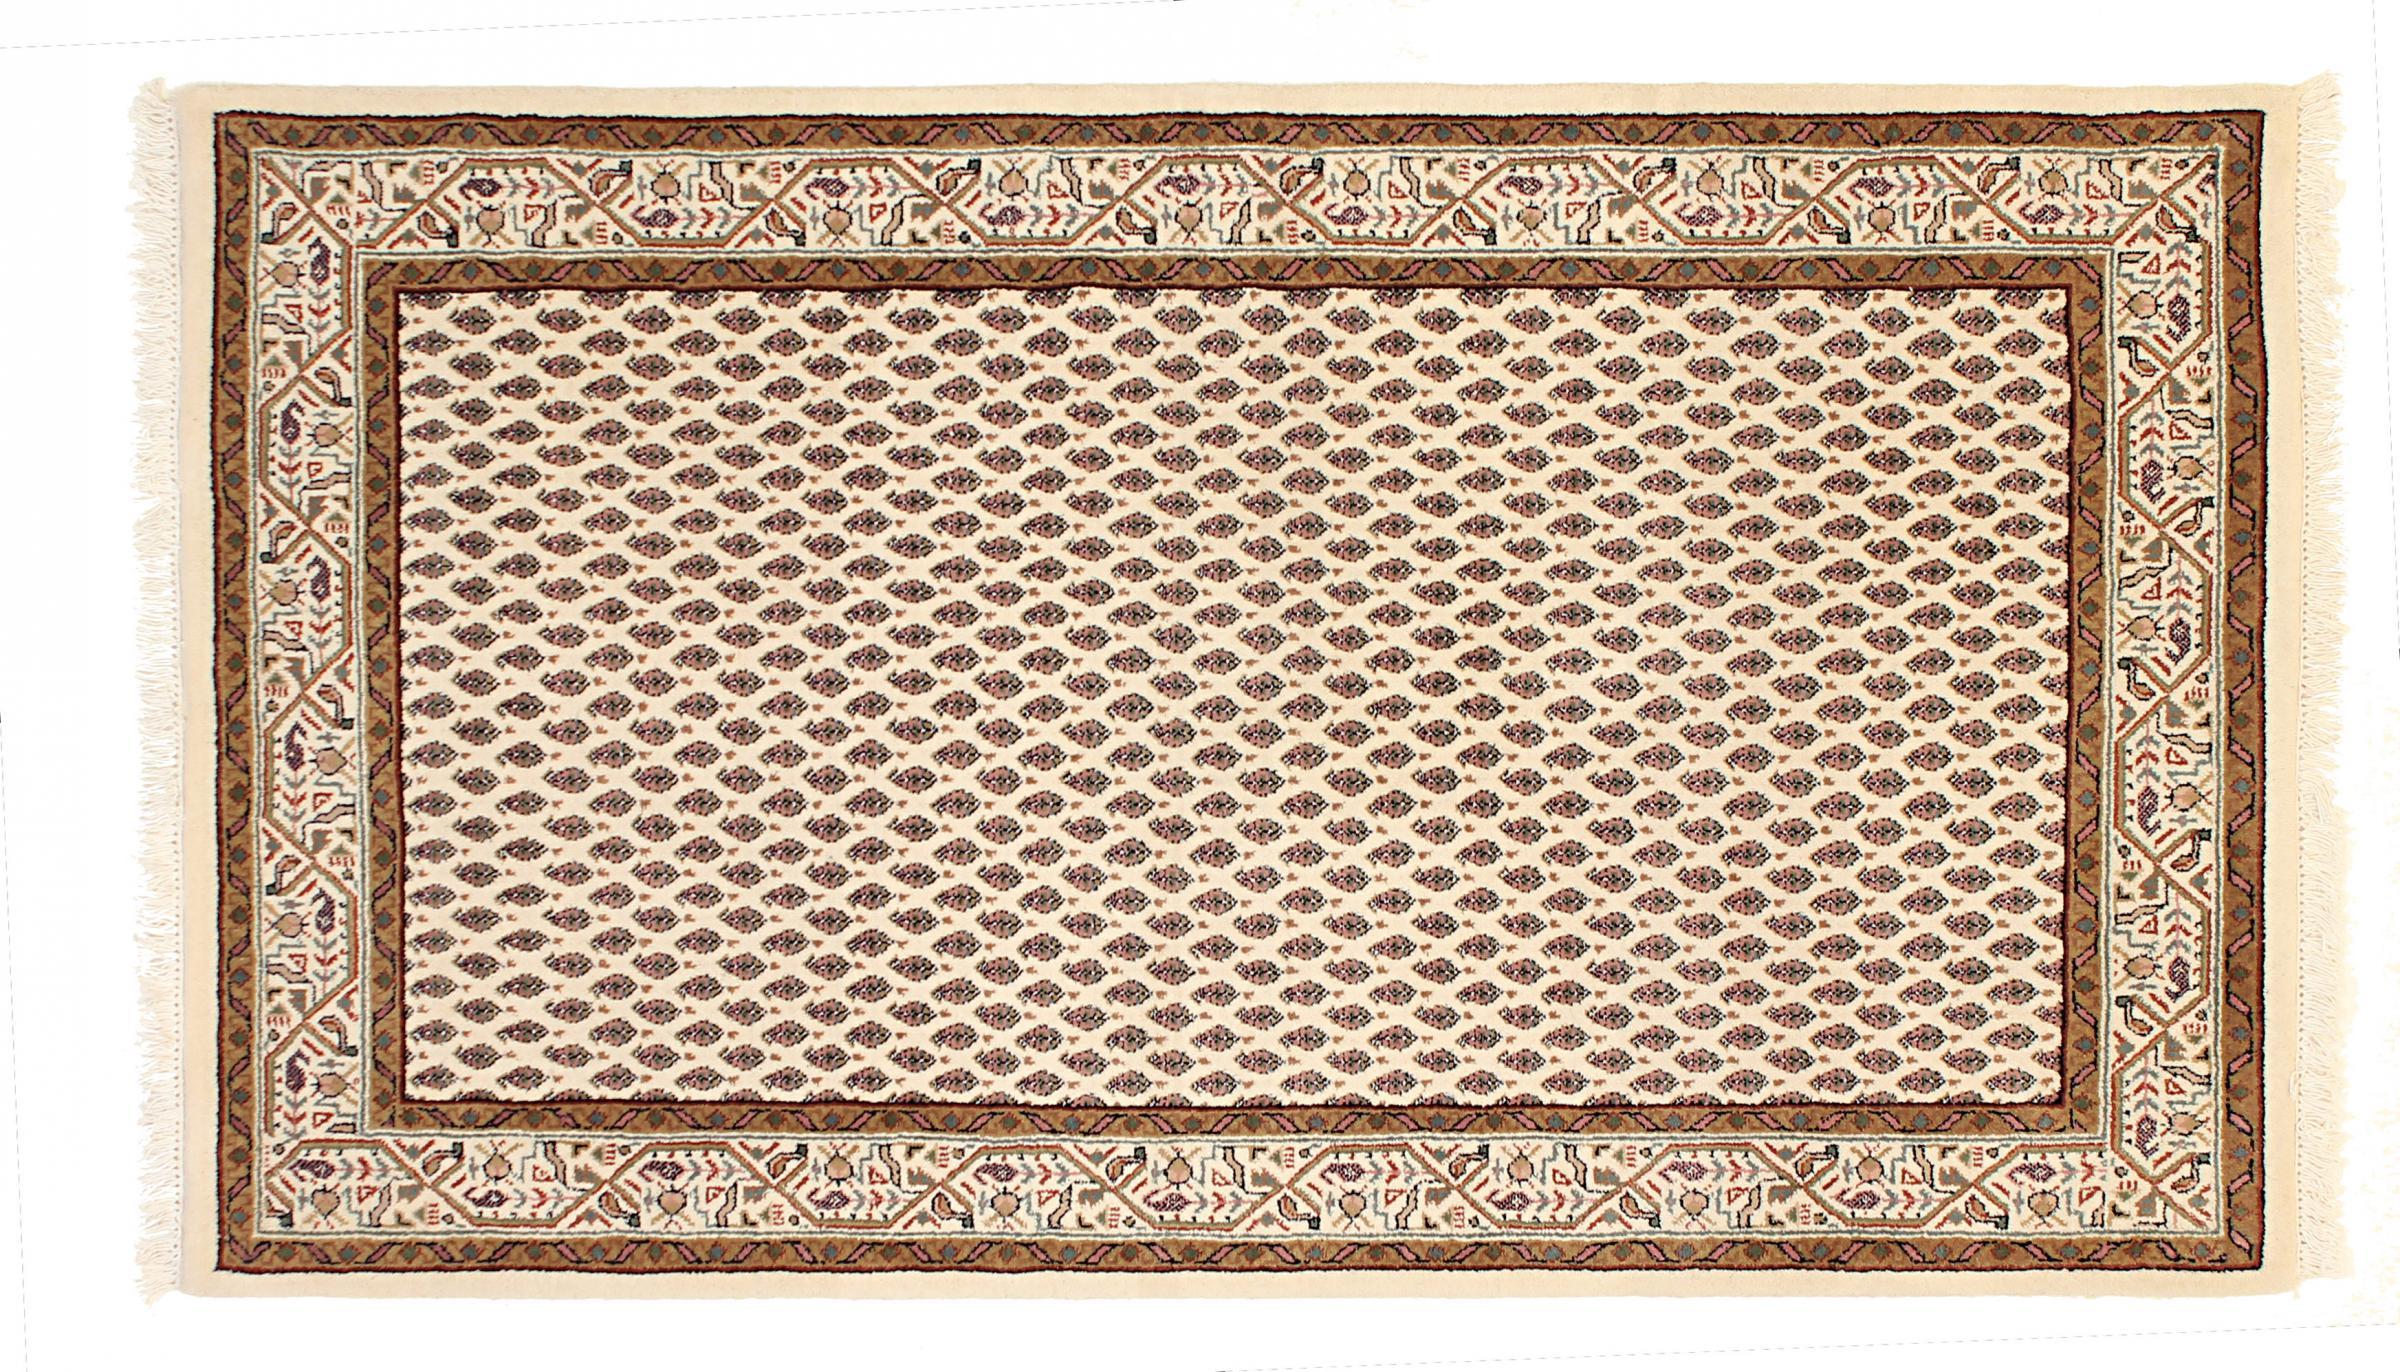 indo mir indischer teppich 158x86 id27486 kaufen sie ihren orientteppich i 150x100 bei naintrading. Black Bedroom Furniture Sets. Home Design Ideas